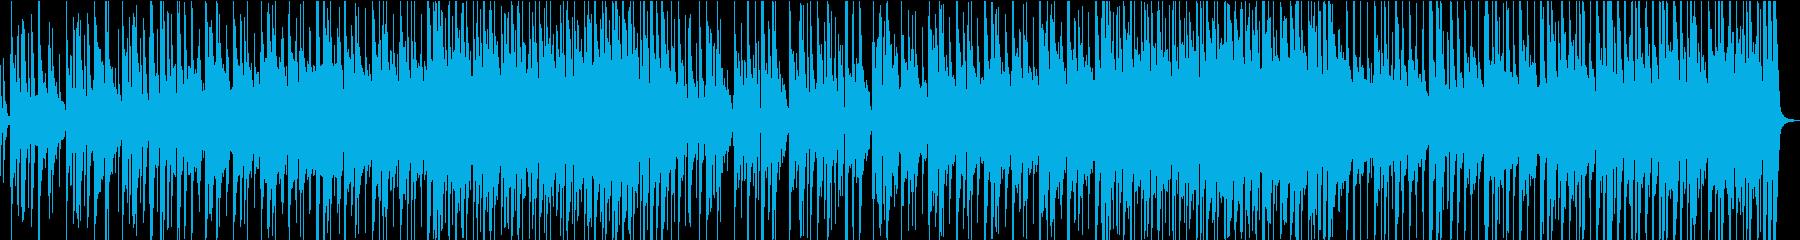 滑らかで流れるようなテナーサックス...の再生済みの波形